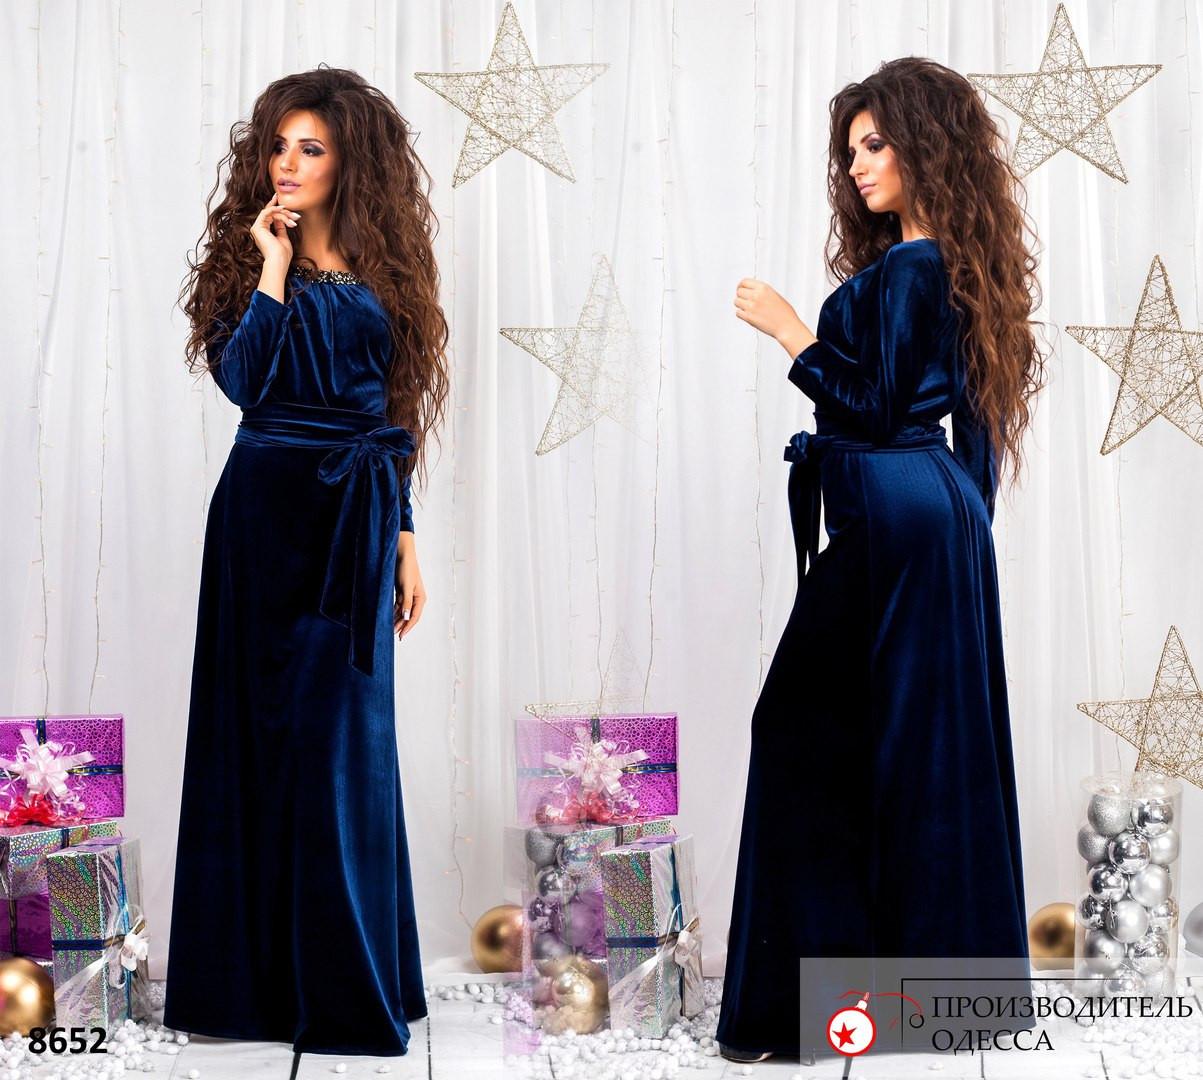 f941debc2d4 Вечернее платье в пол велюр размеры 42-44 44-46 46-48 48-50  продажа ...